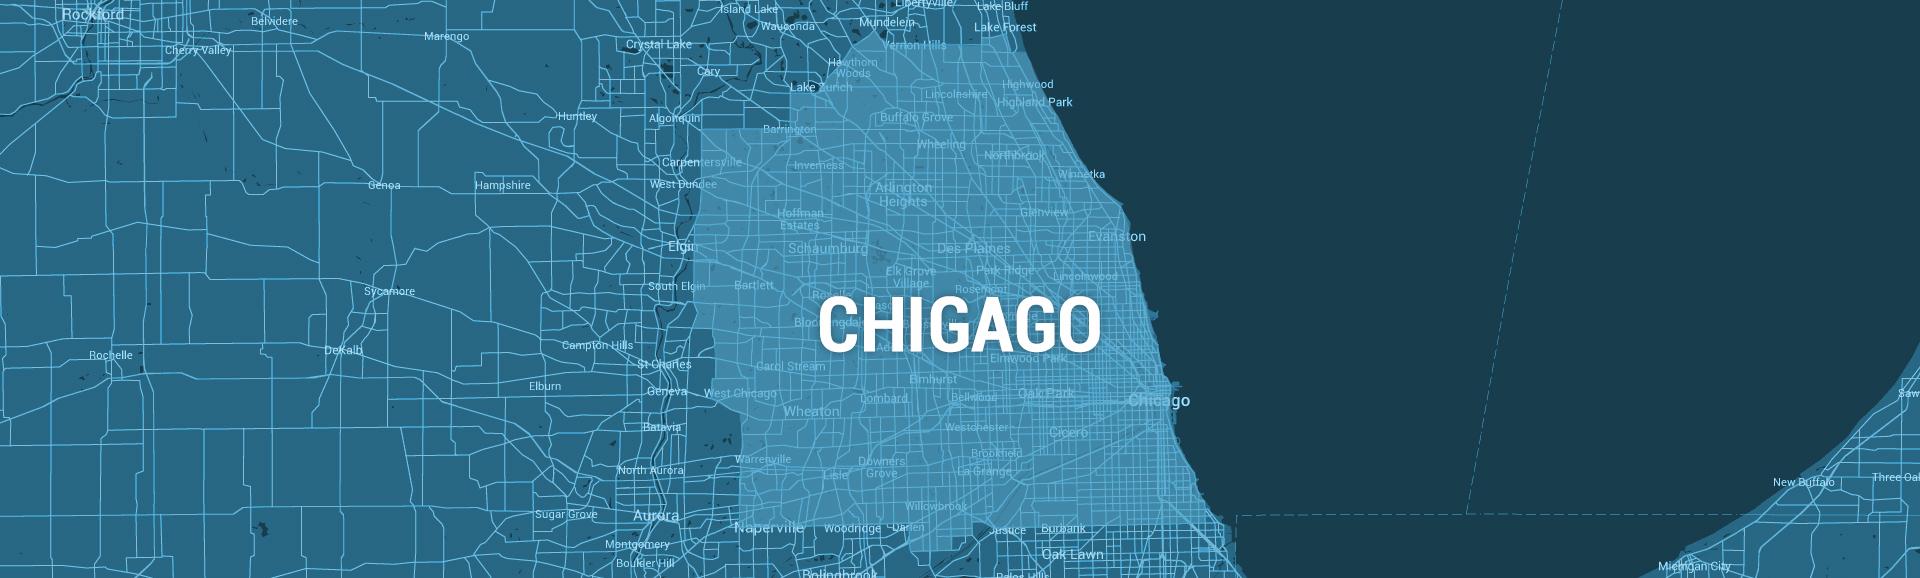 Capxicom Cab Service Around The City Of Chicago - Chicago map app